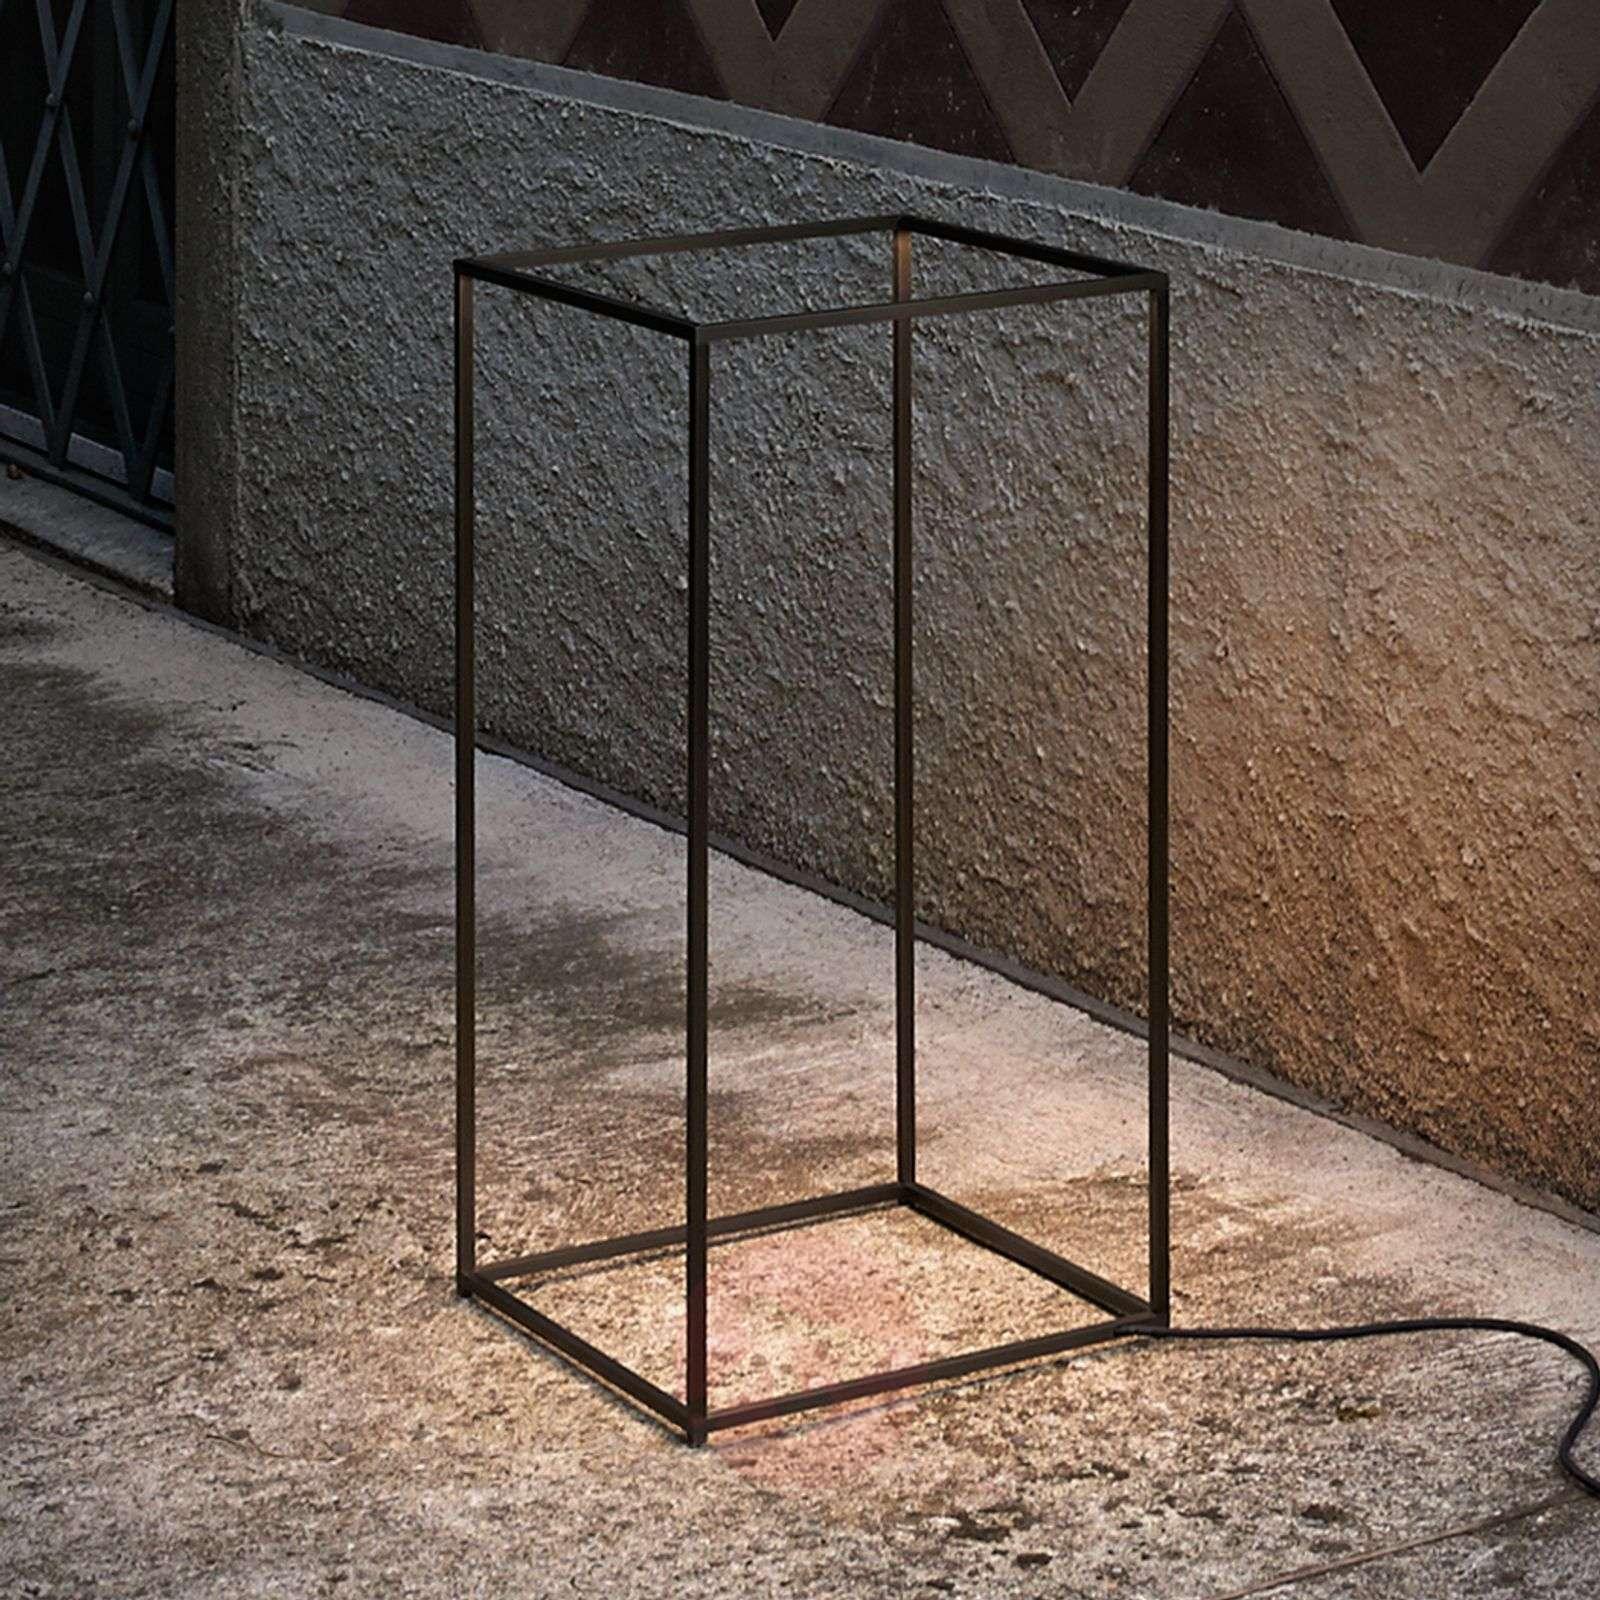 Design-LED-ulkovalaisin Ipnos Outdoor FLOSilta-3510302-08